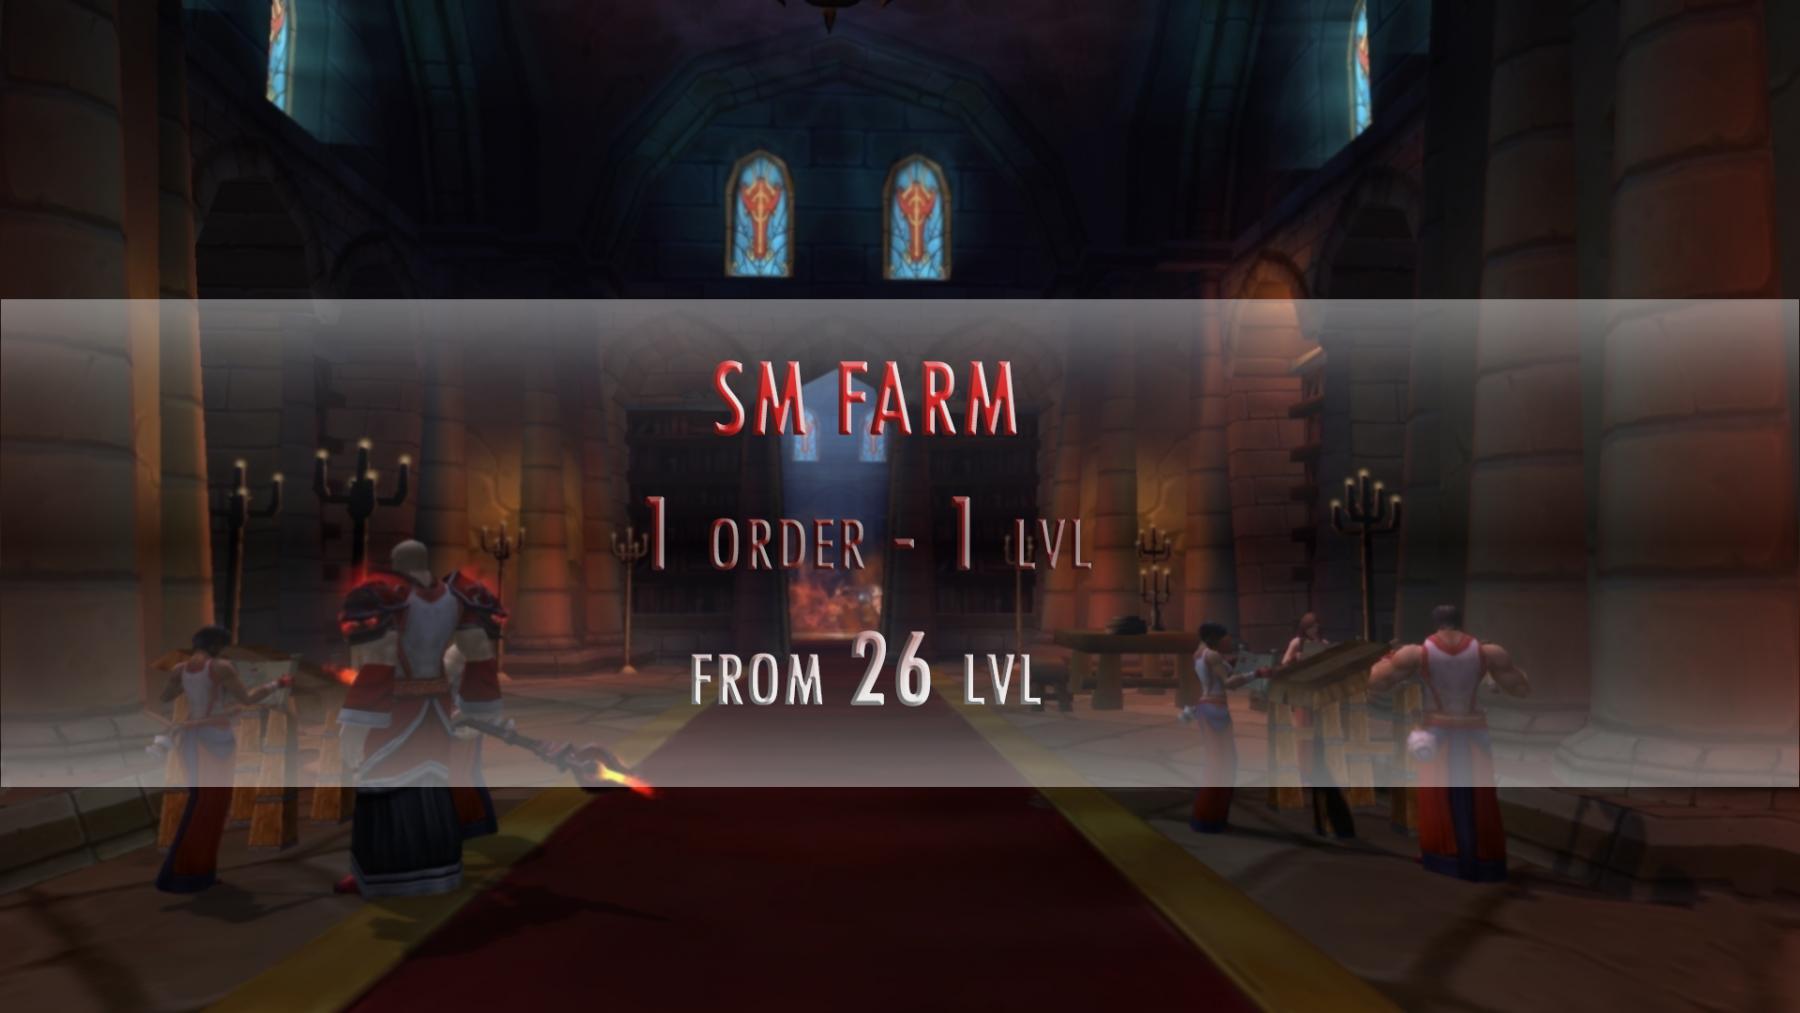 SM Exp Farm 1 lvl - 1 order